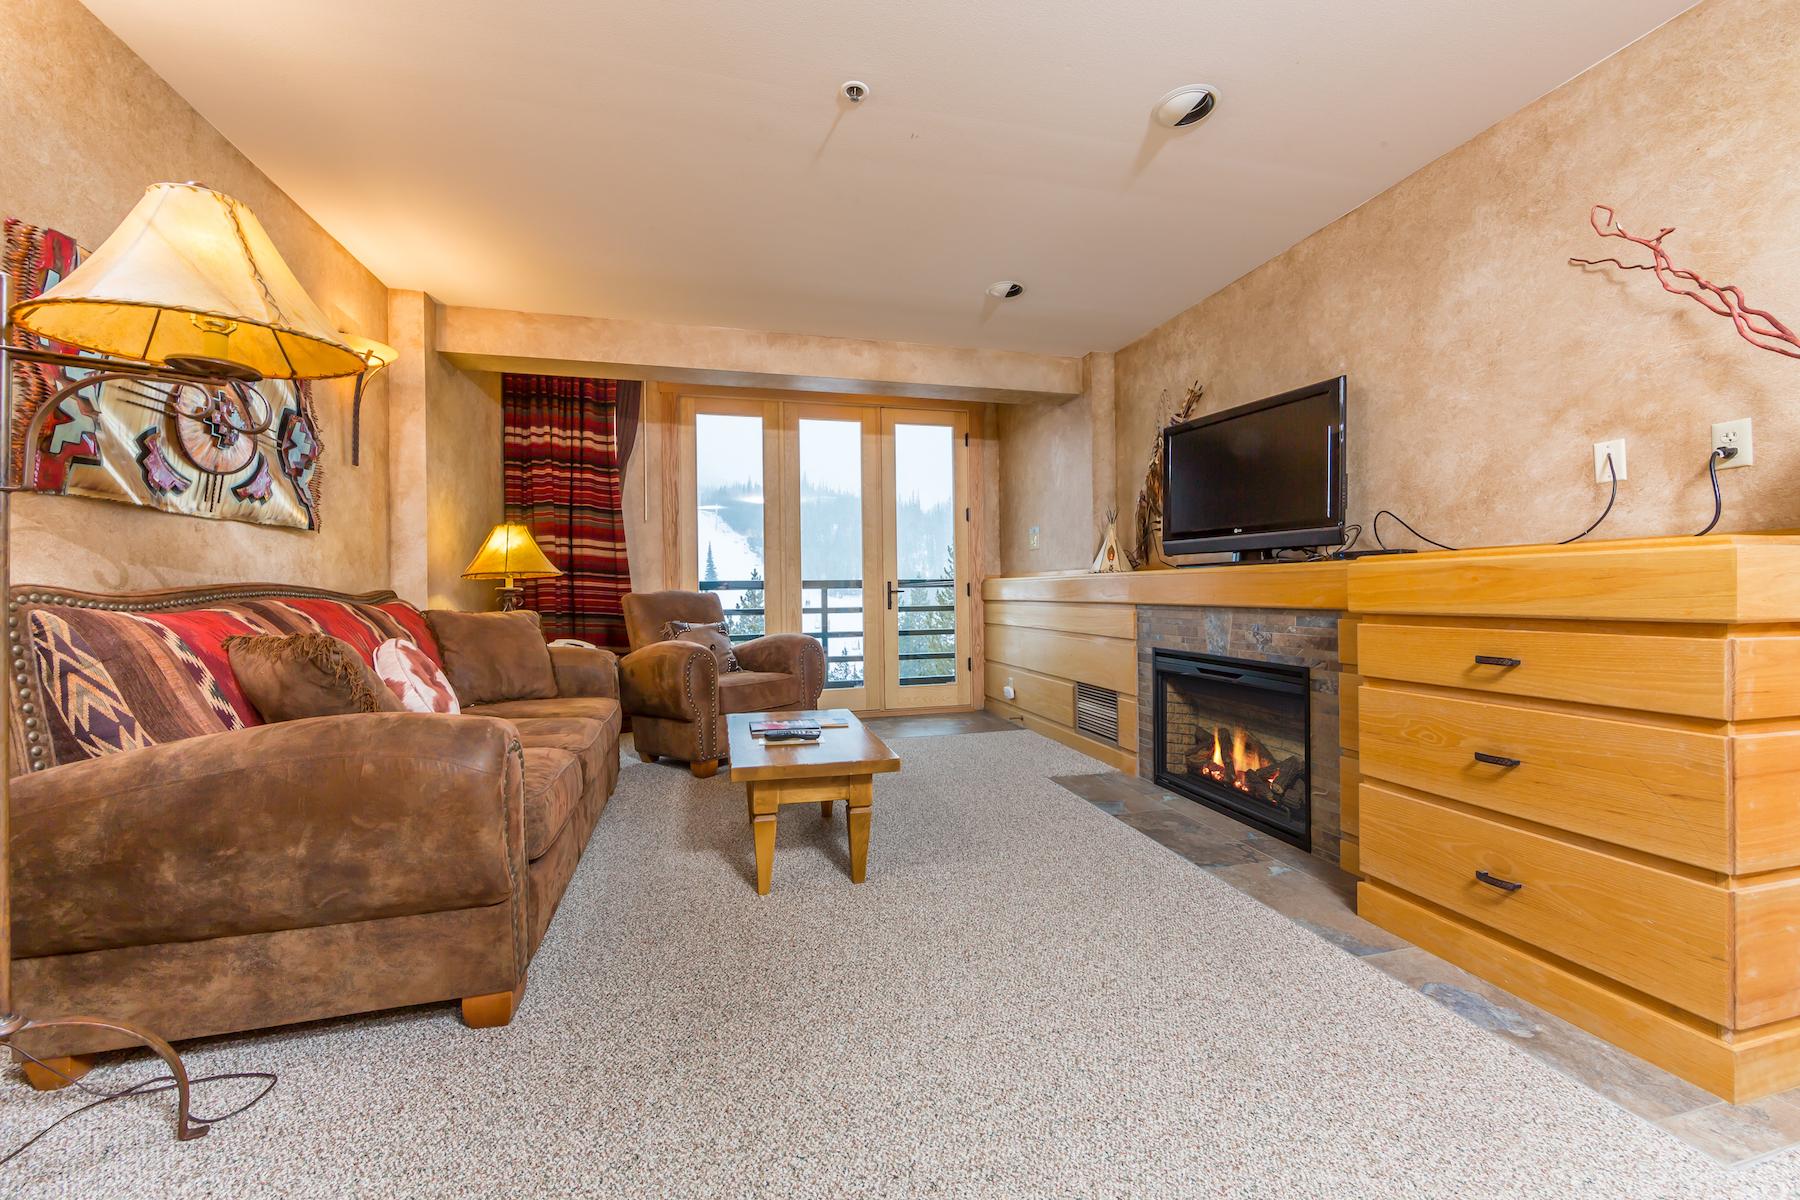 Кондоминиум для того Продажа на Shoshone Condo 1973 40 Big Sky Resort Road, Unit 1973, Big Sky, Монтана, 59716 Соединенные Штаты